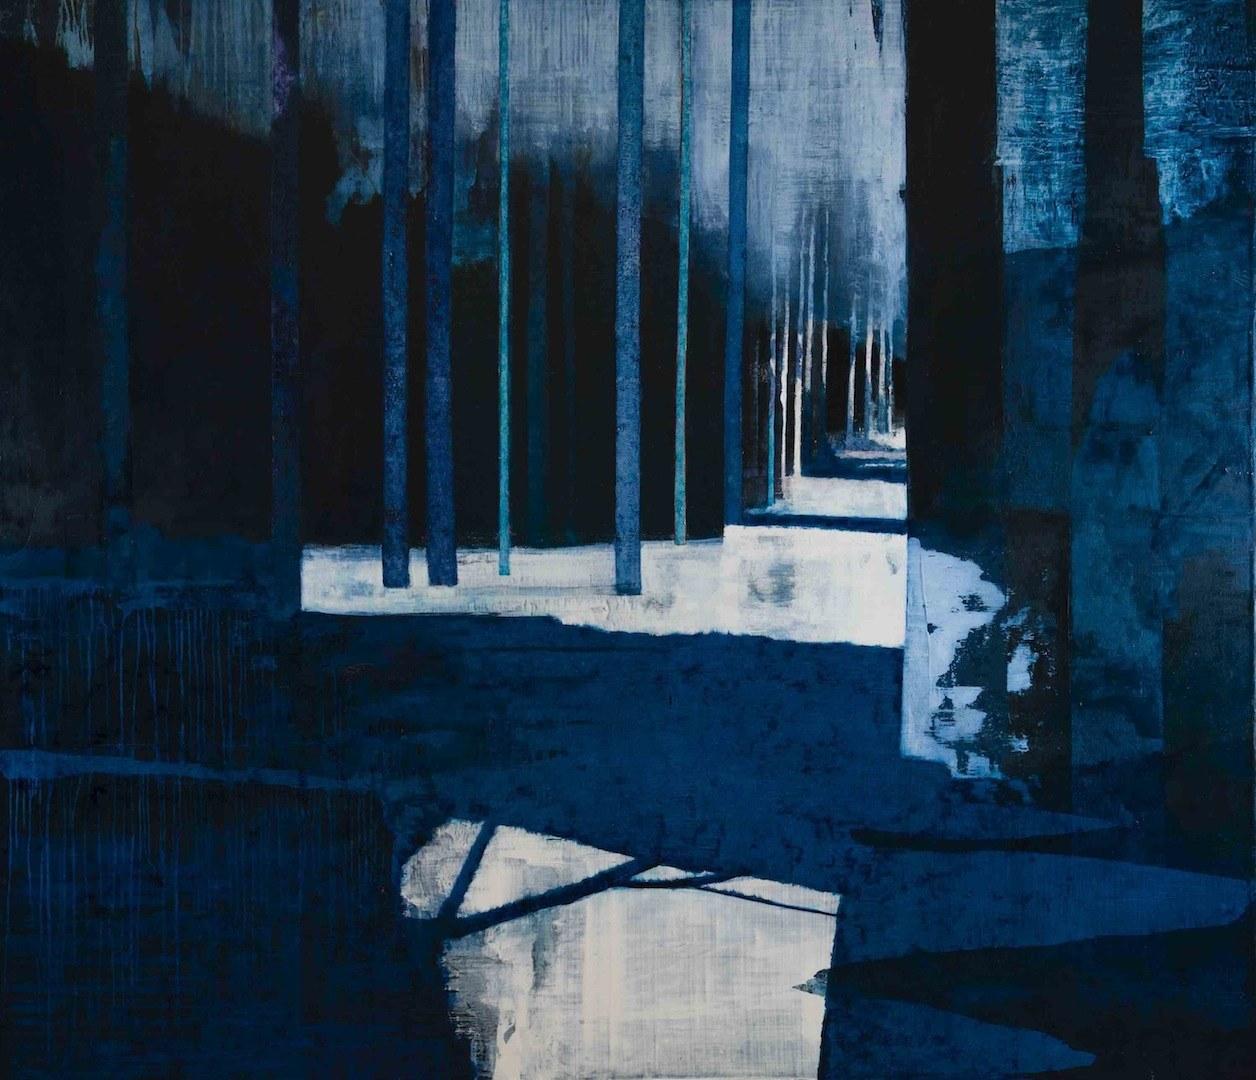 'Tarn Trees' - Oil on Canvas, 183x213cm, 2014 - Zoe Benbow